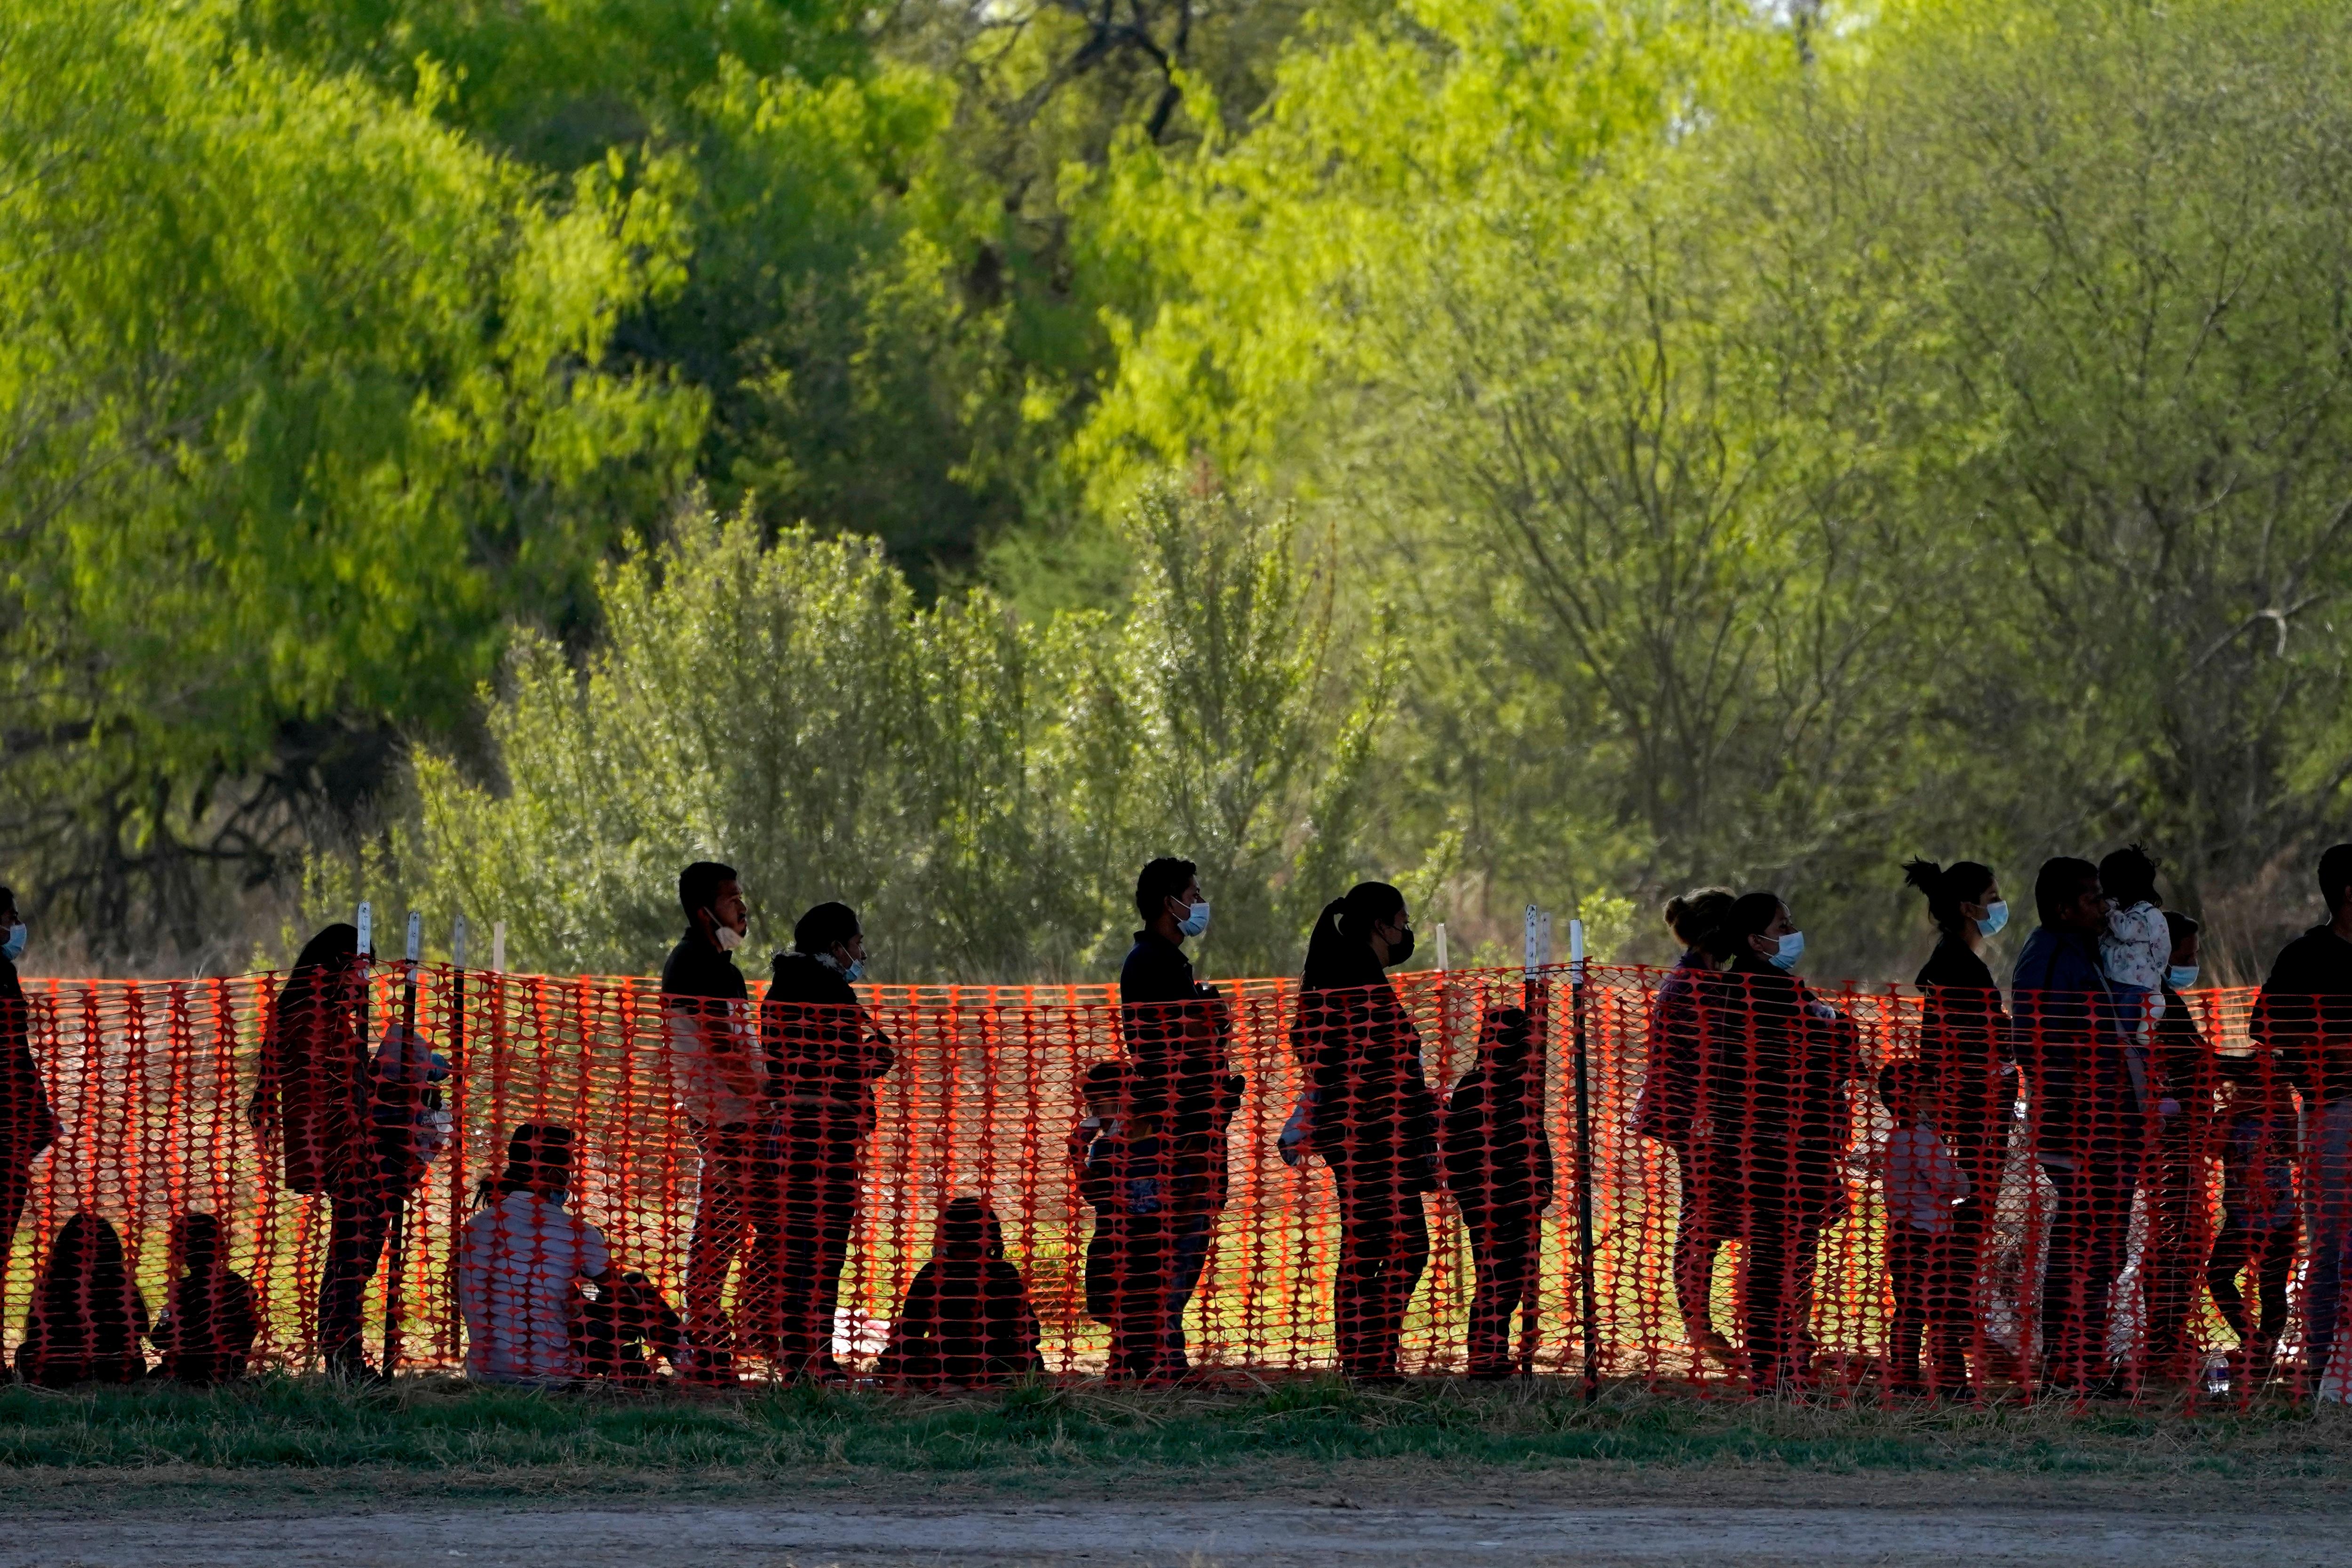 Los inmigrantes son vistos en el área de procesamiento de Aduanas y Protección Fronteriza debajo del Puente Internacional Anzal-Douas, el viernes 19 de marzo de 2021, en Mission, Texas.